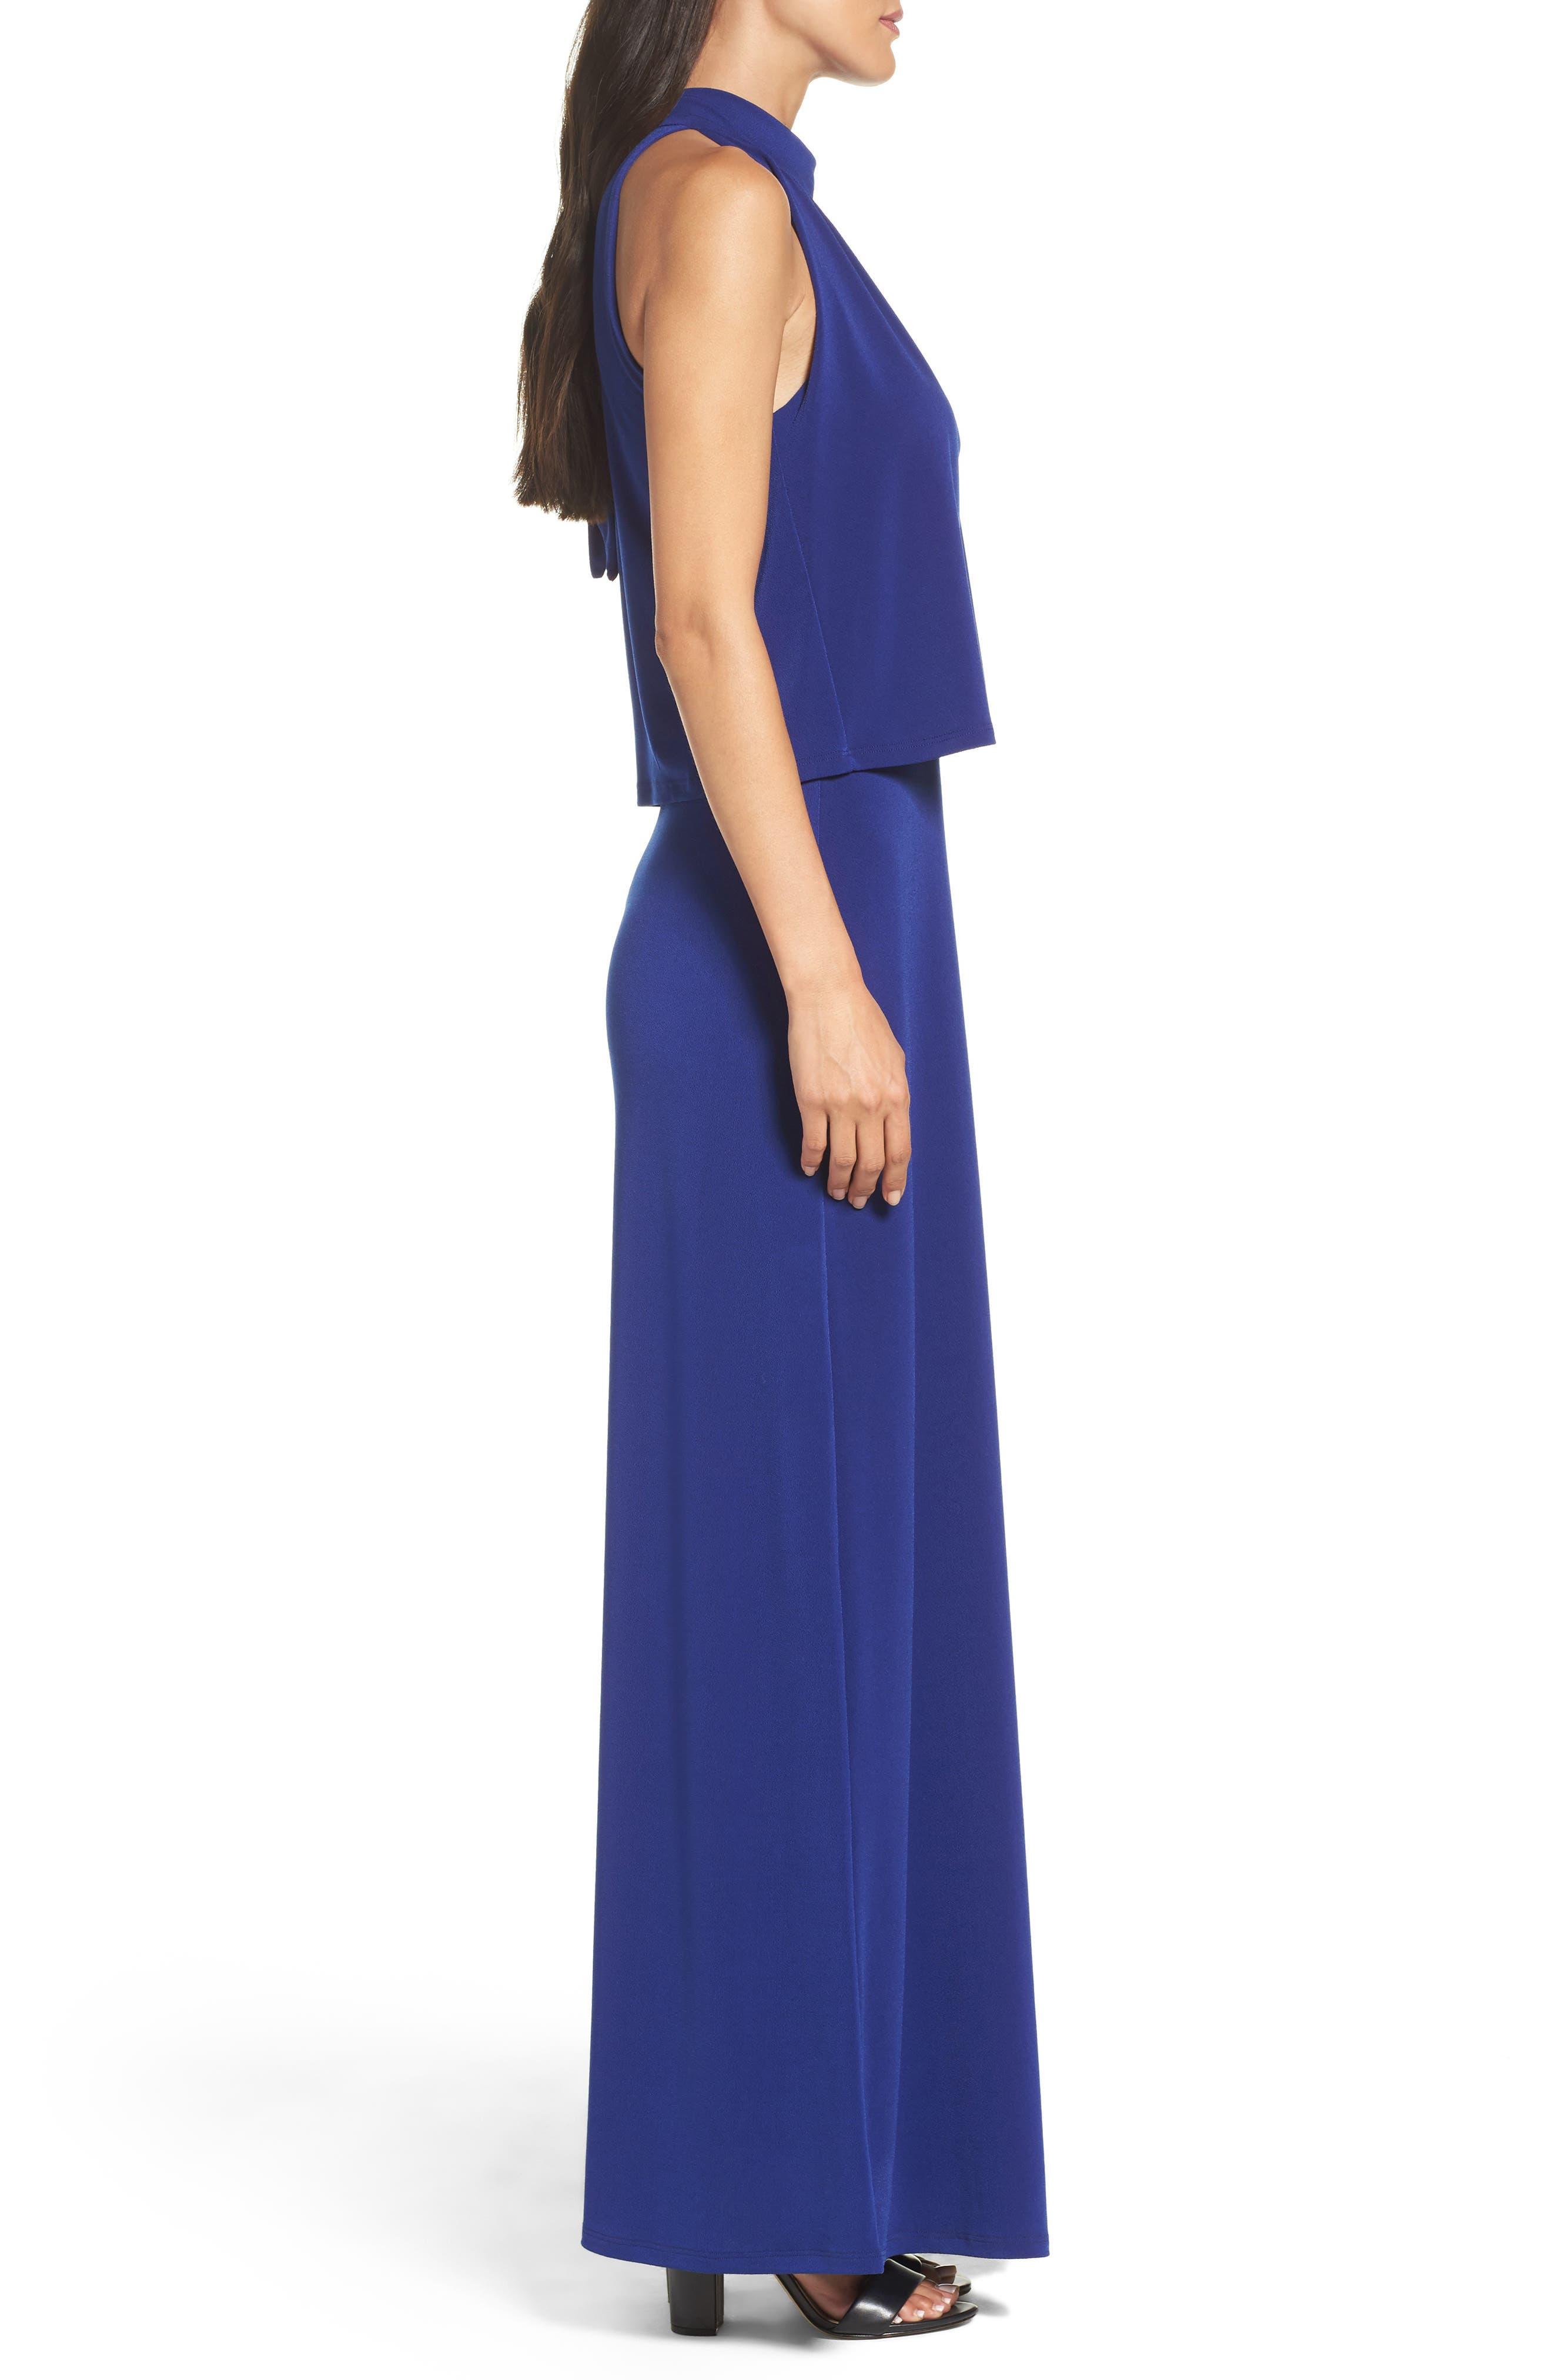 'Syler' Popover Jersey Maxi Dress,                             Alternate thumbnail 3, color,                             415